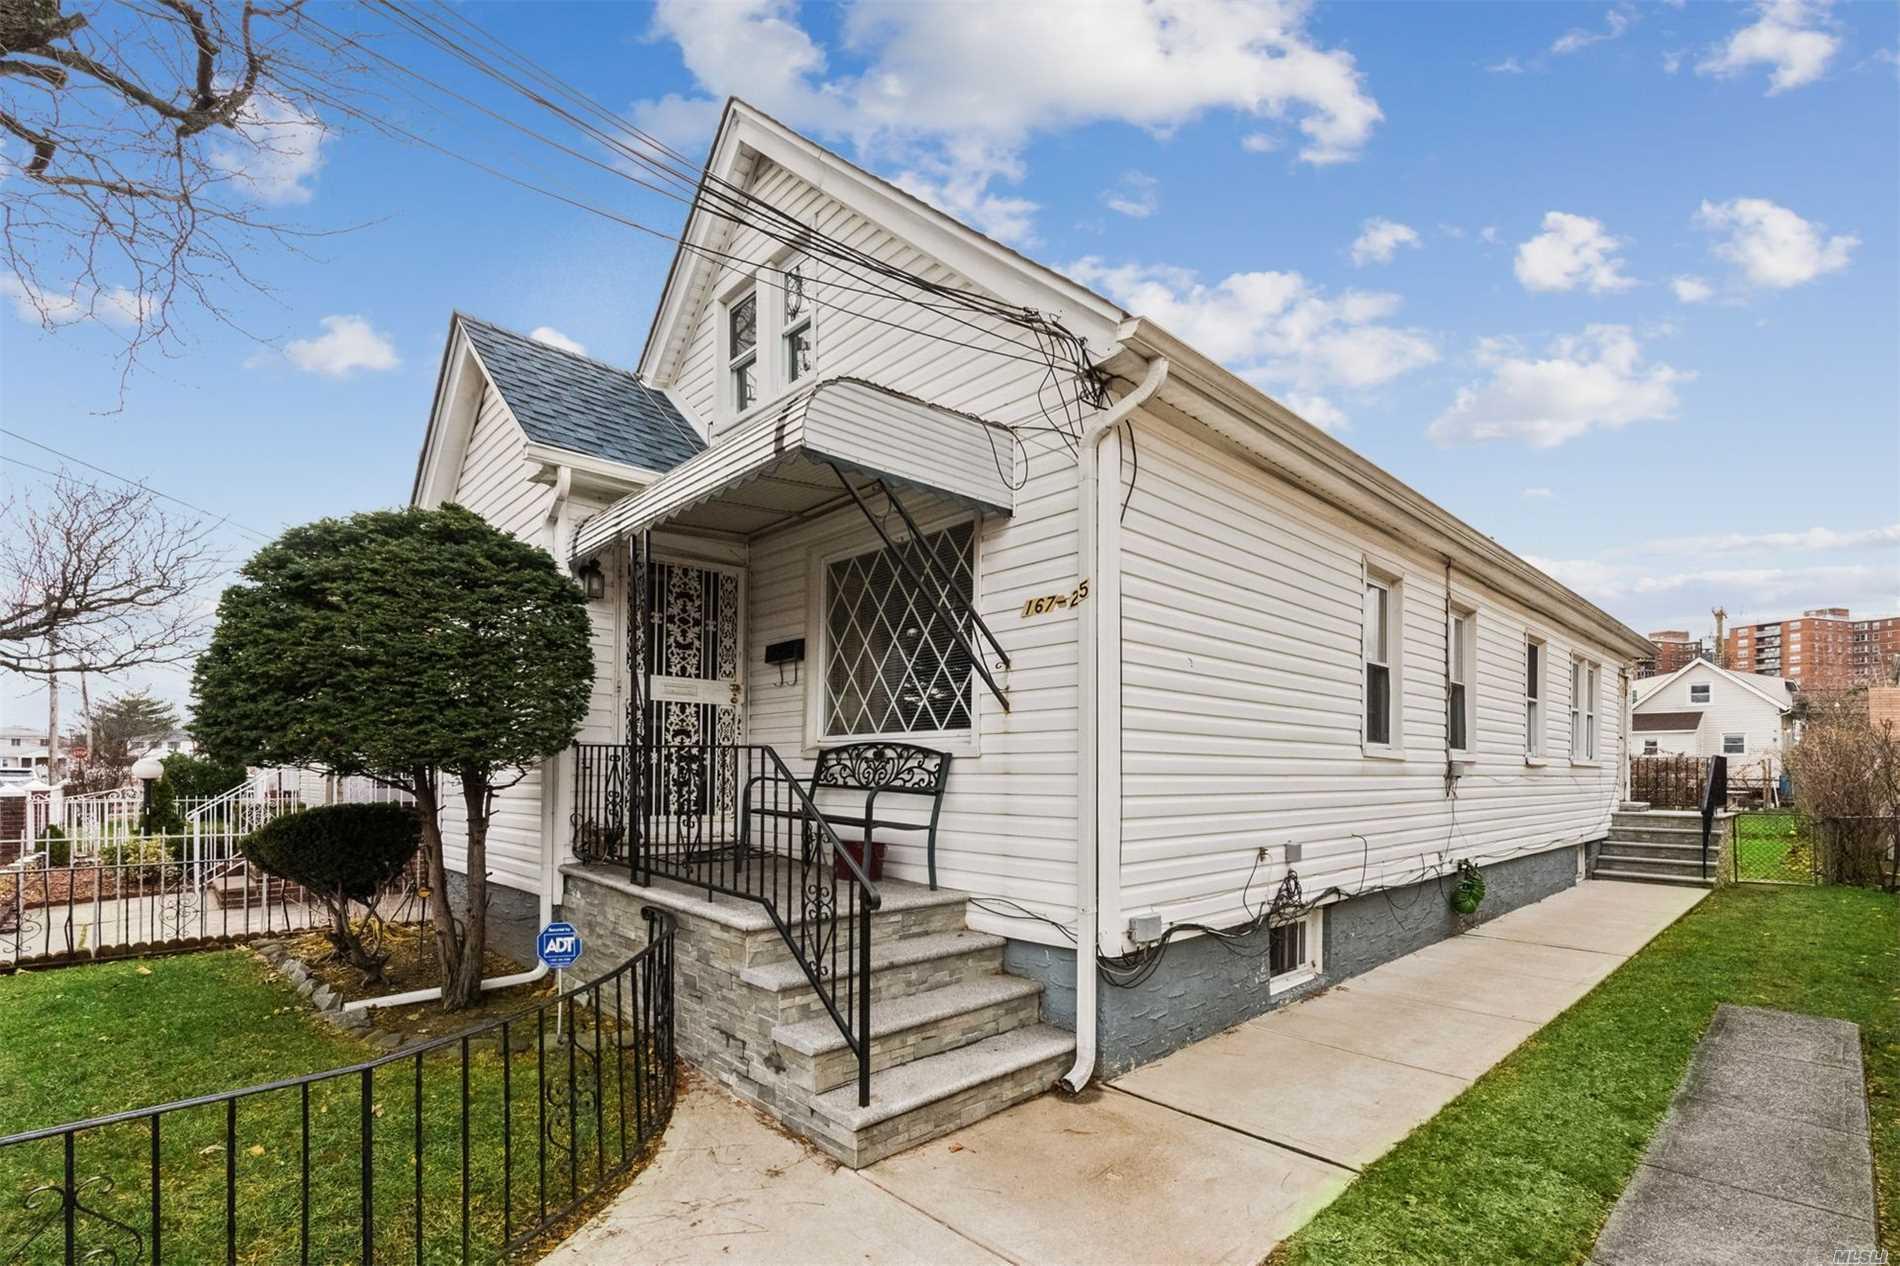 167-25 142nd Ave Springfield Gdns, NY 11413